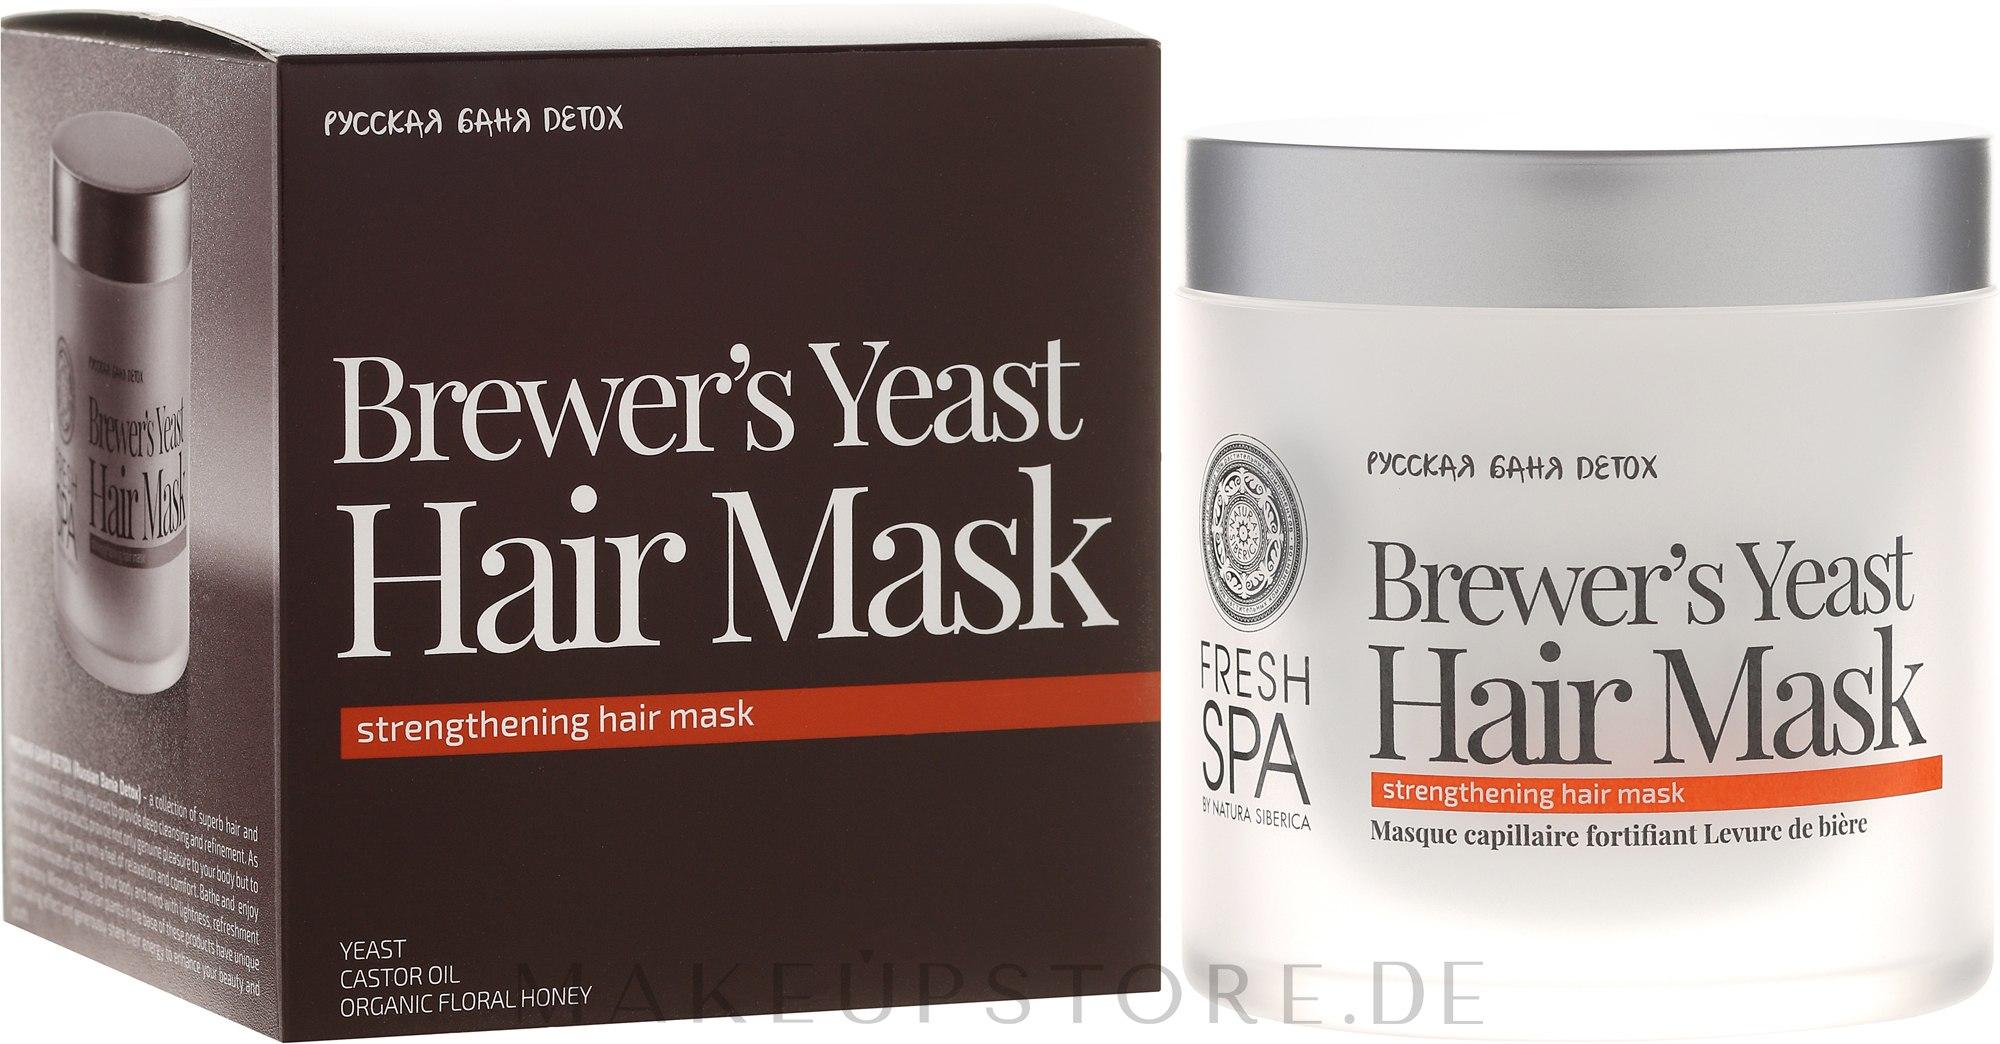 Kräftigende Hefemaske für schwaches und strapaziertes Haar - Natura Siberica Fresh Spa Russkaja Bania Detox Brewers Yeast Hair Mask — Bild 400 ml